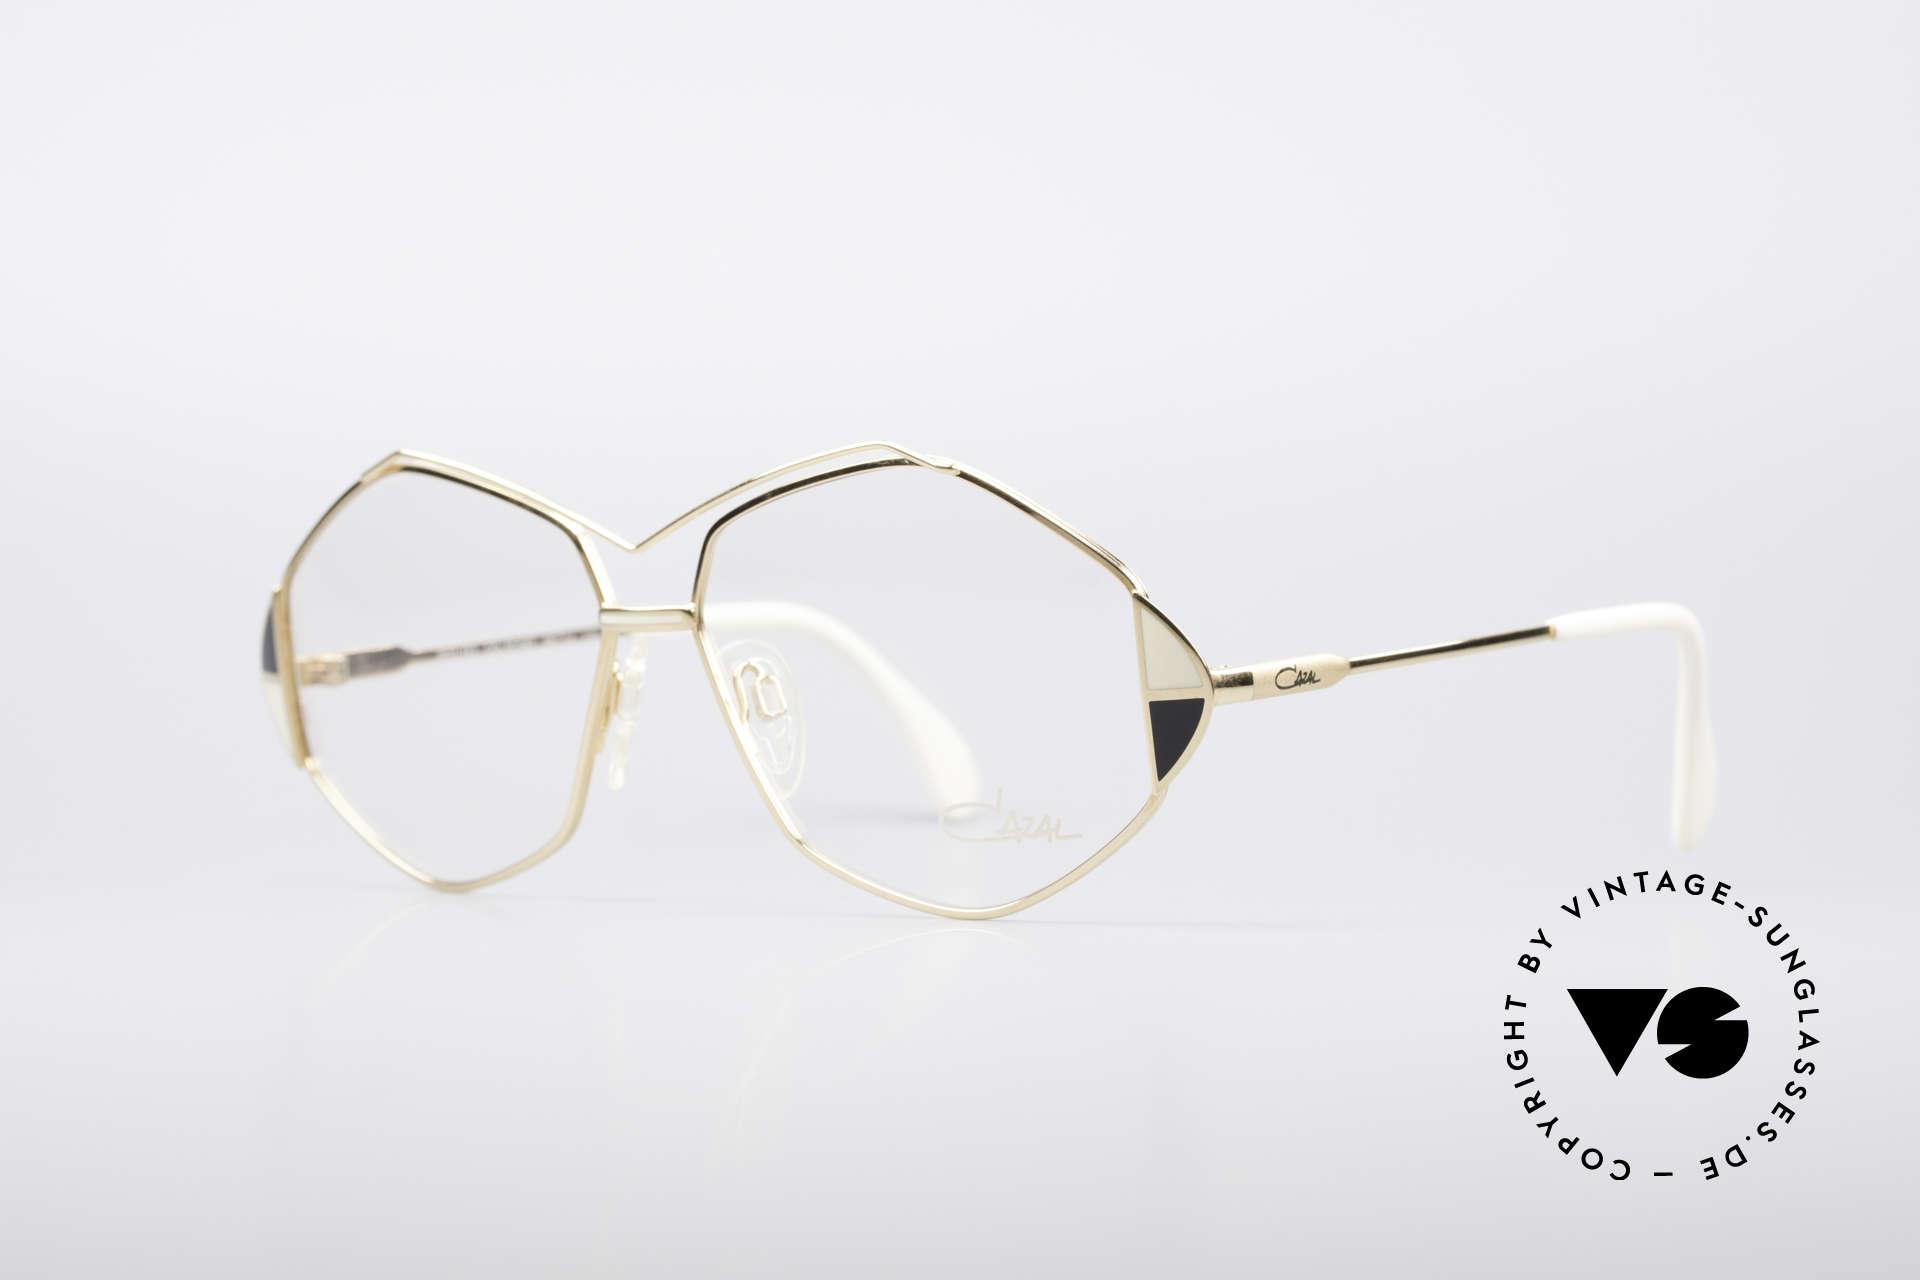 Cazal 233 Vintage West Germany Brille, tolle Rahmenform mit raffinierten Farbakzenten, Passend für Damen